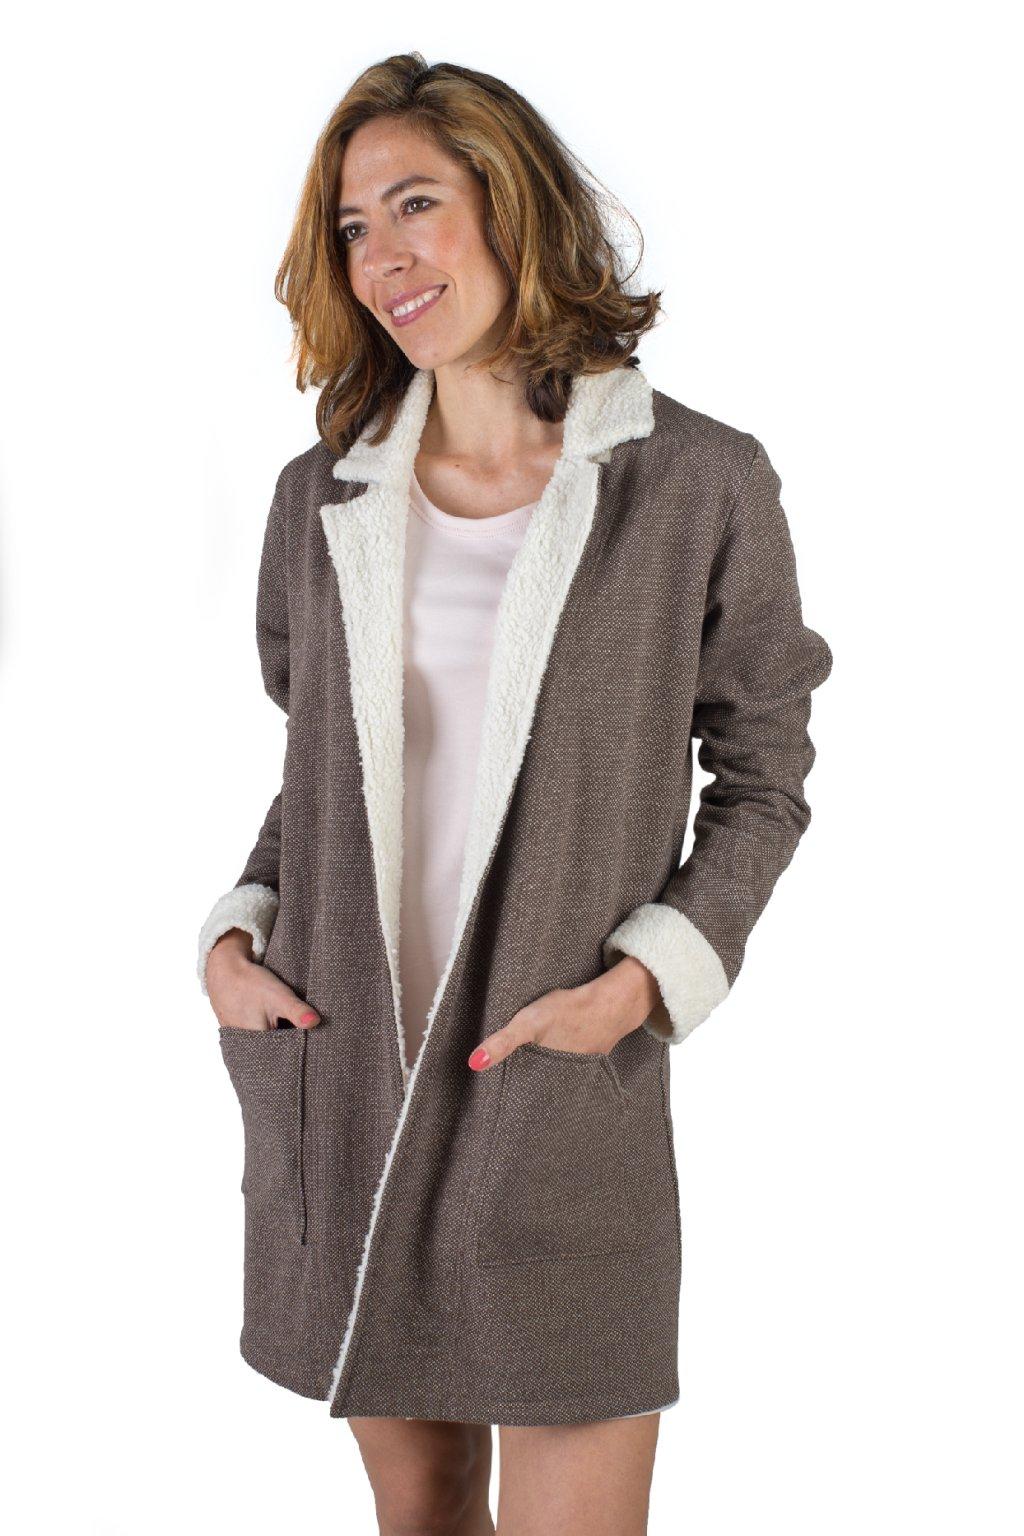 Hřejivý kabát ARTEMIS s plyšem / Hnědá s bílou